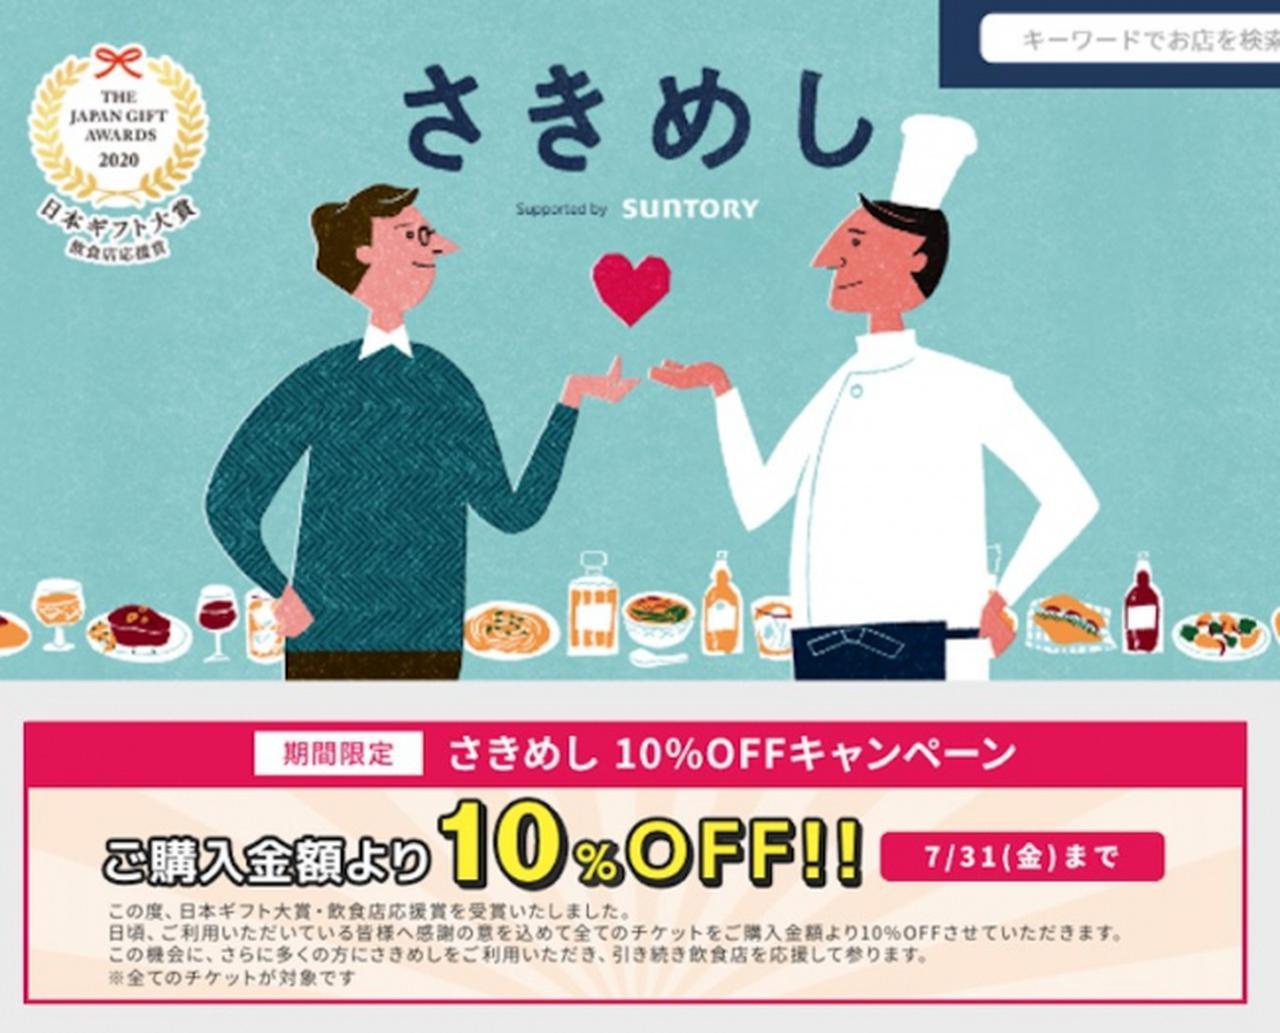 画像: 日本ギフト大賞2020「飲食店応援賞」受賞記念!「さきめし10%OFFキャンペーン」を開催